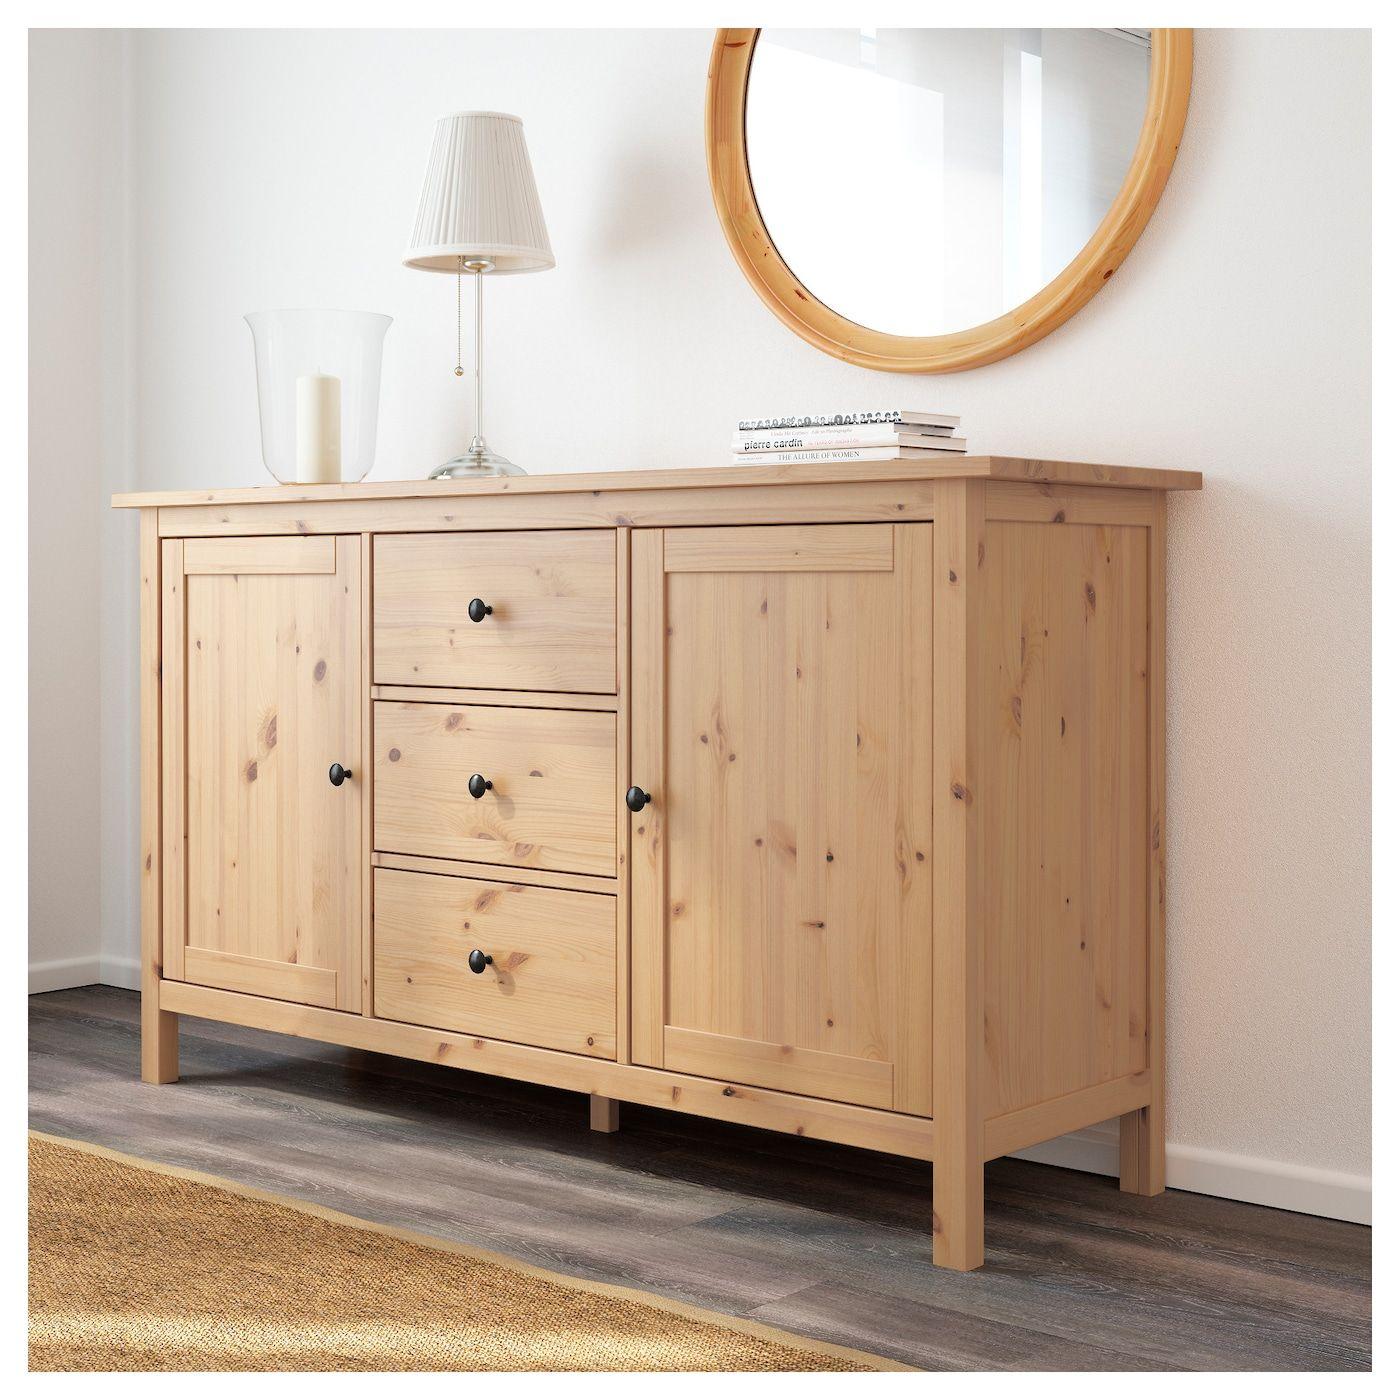 Us Furniture And Home Furnishings Ikea Sideboard Hemnes